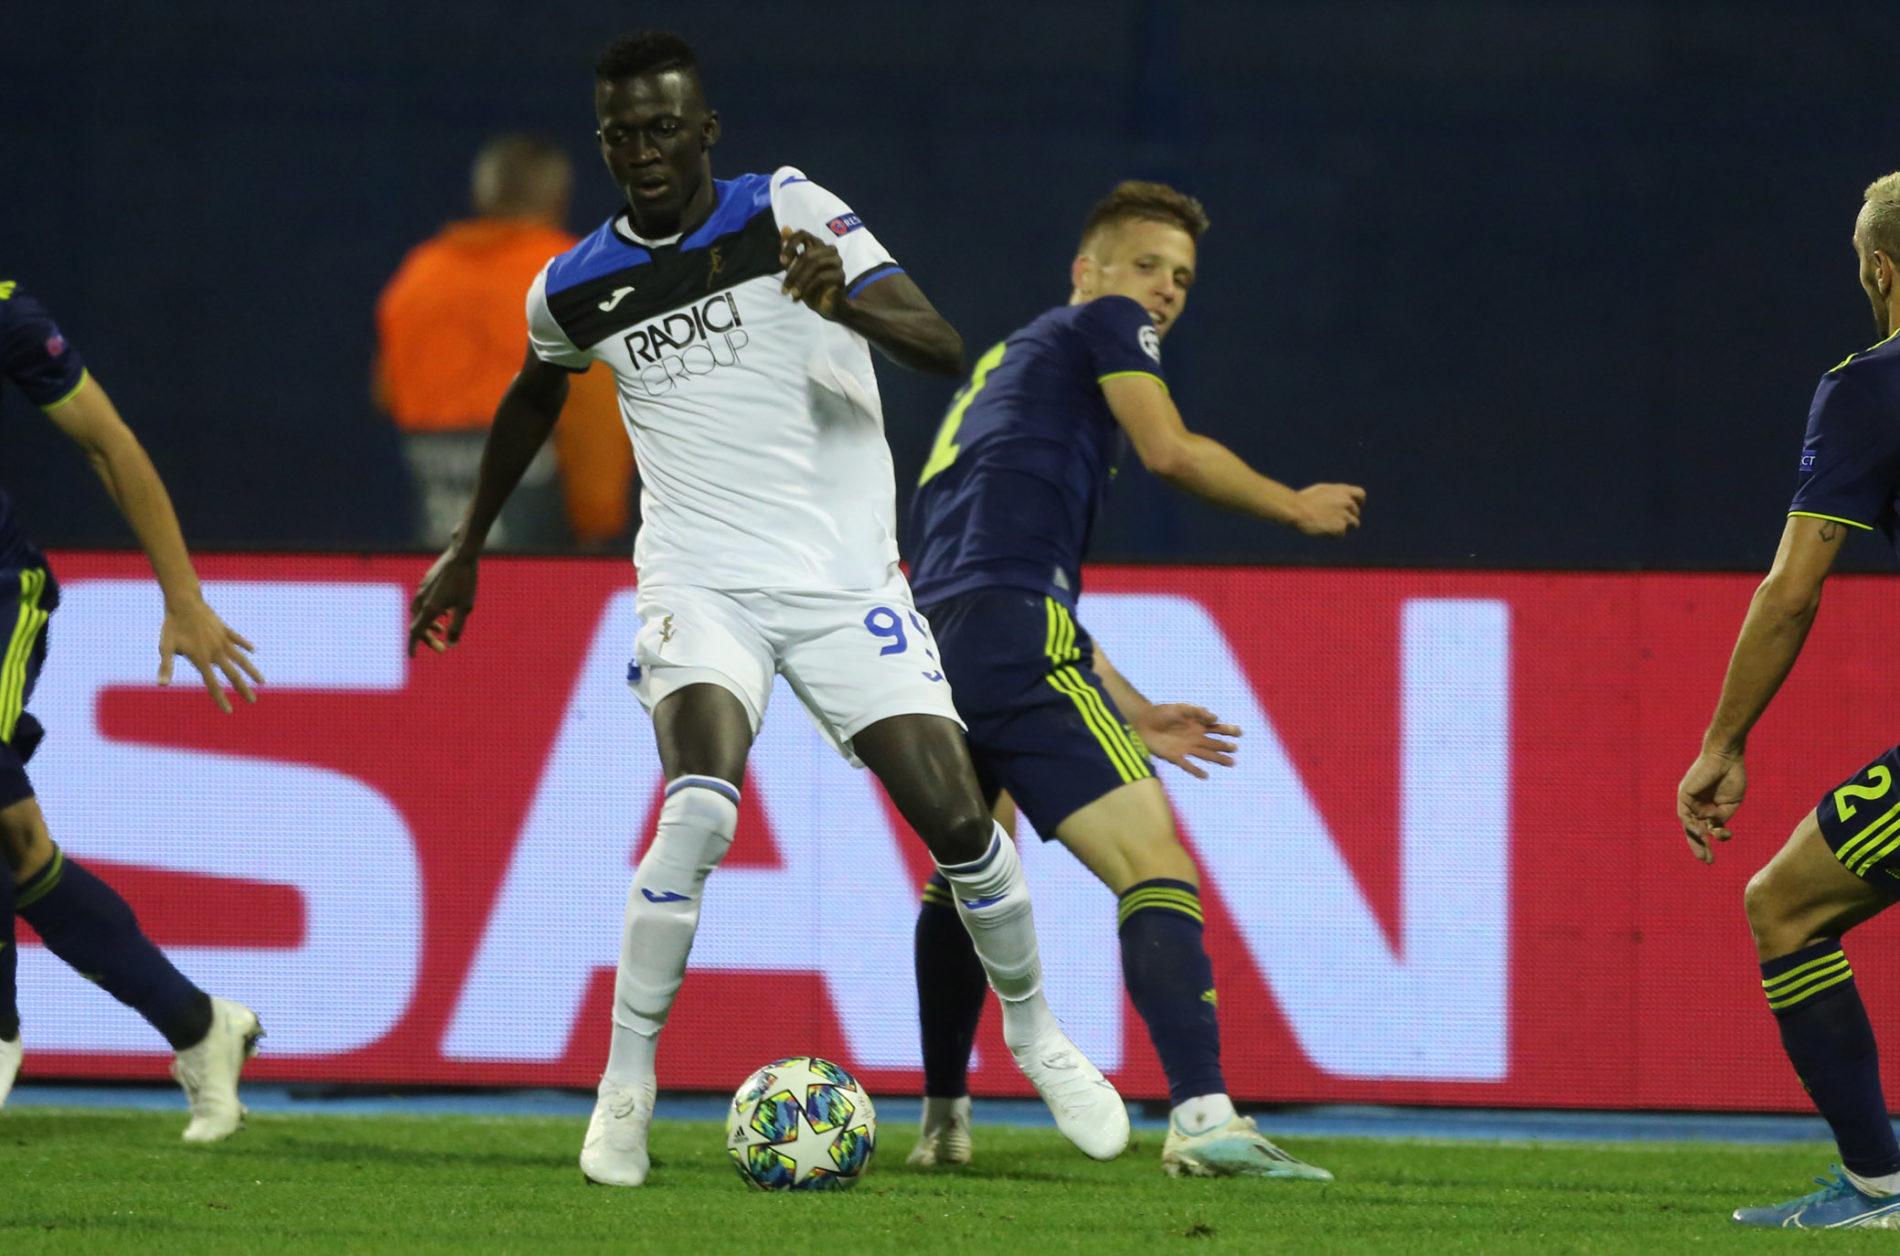 Calciomercato, incontro tra Torino e SPAL: offerta per Bonifazi